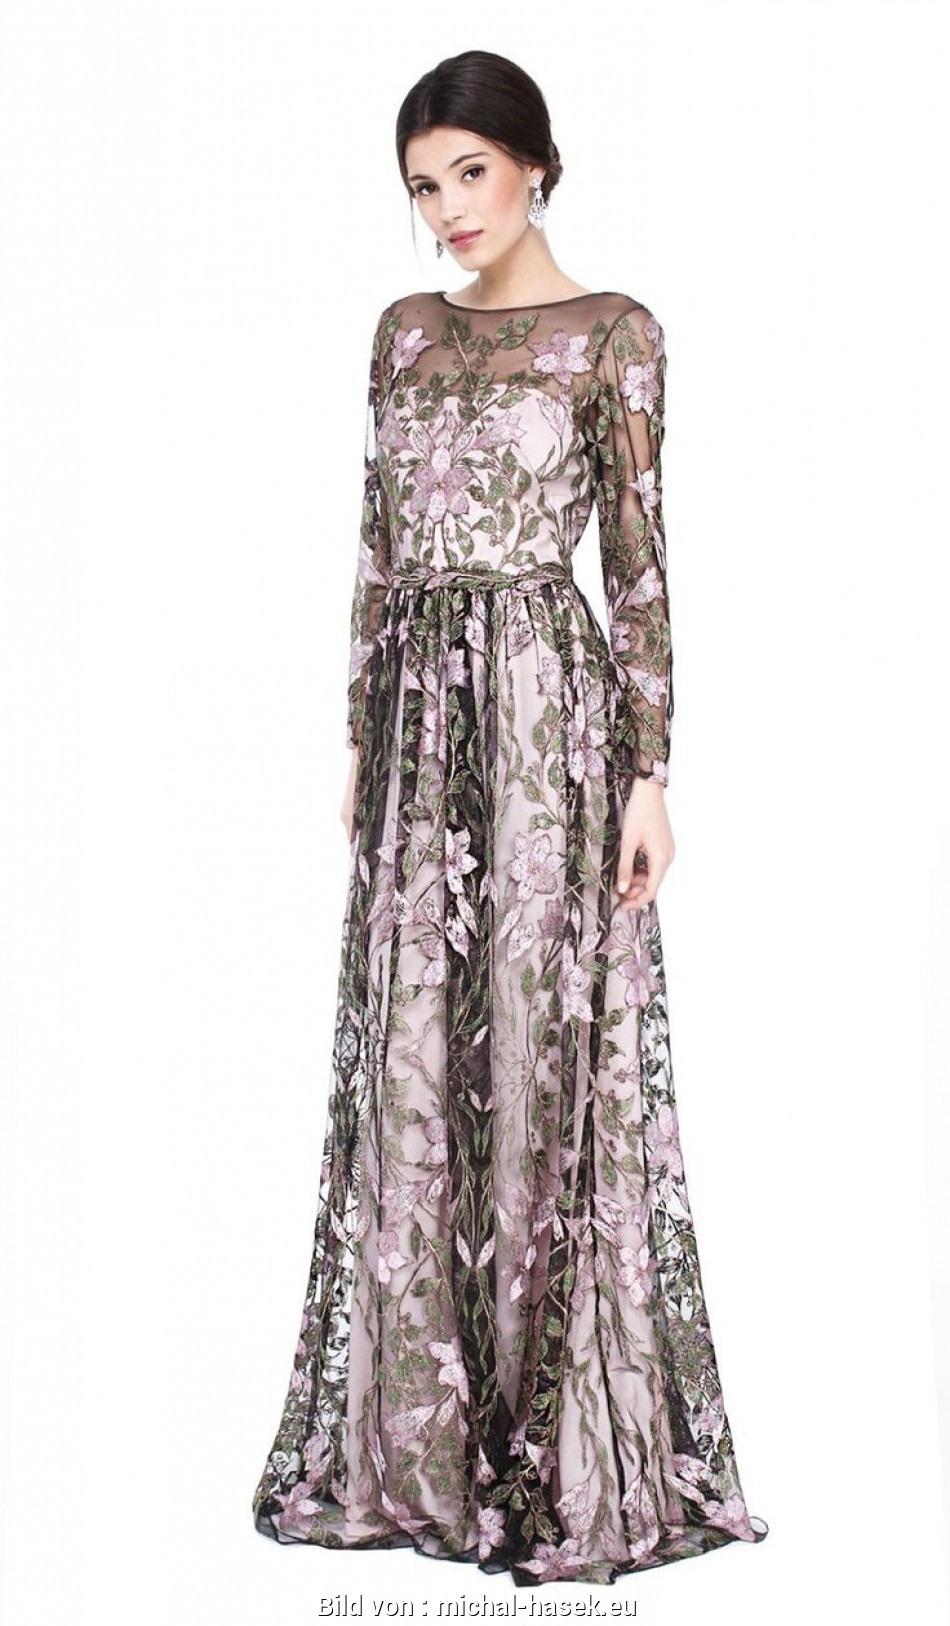 Designer Luxus Abendkleid Leihen VertriebAbend Ausgezeichnet Abendkleid Leihen Boutique